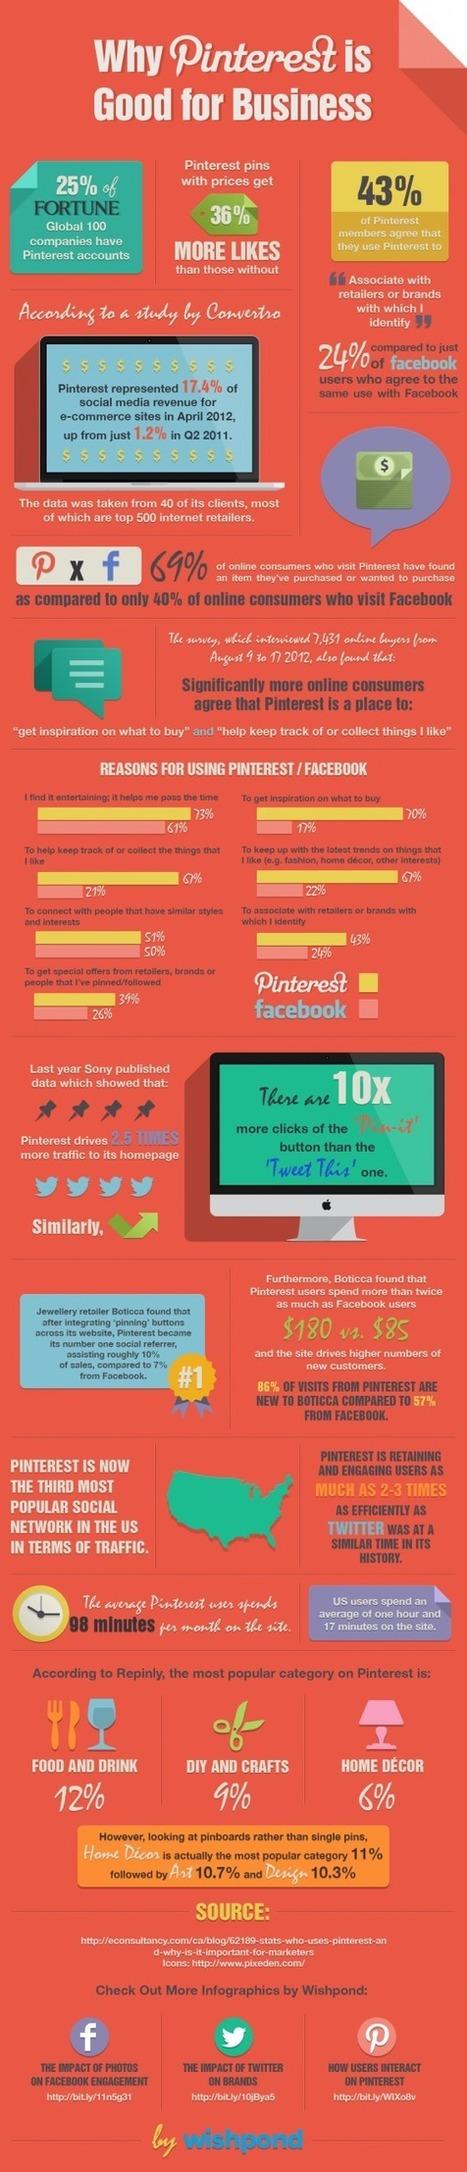 Pourquoi Pinterest est-il Recommandé aux Entreprises? | Emarketinglicious | MediaBrandsTrends | Scoop.it